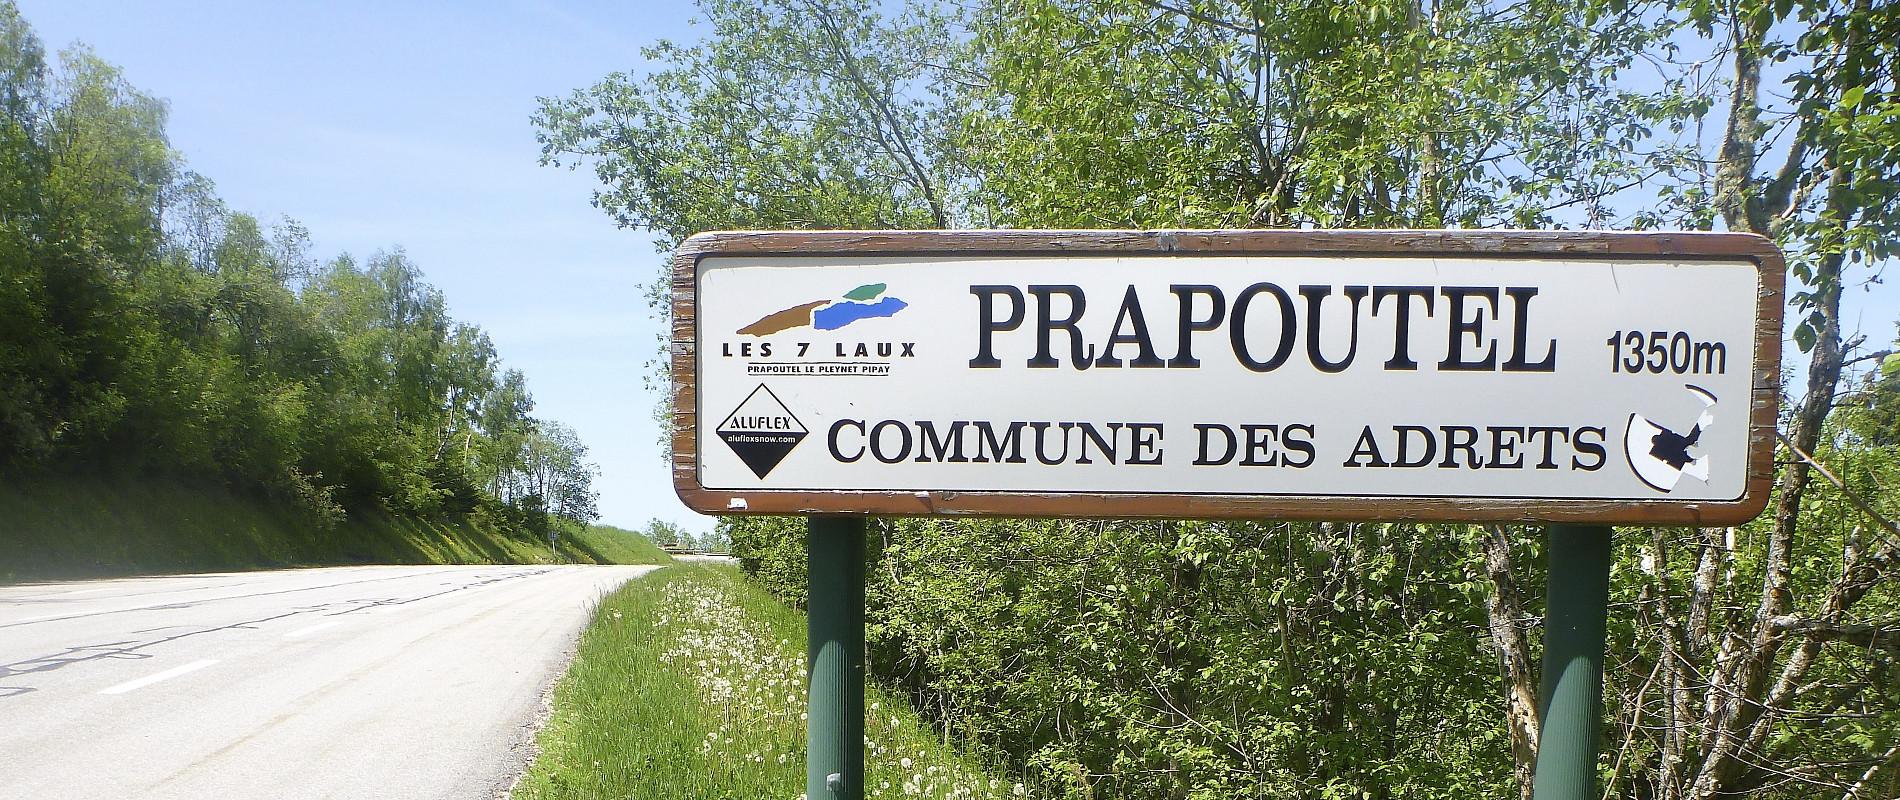 La géologie de Prapoutel-les-7-Laux